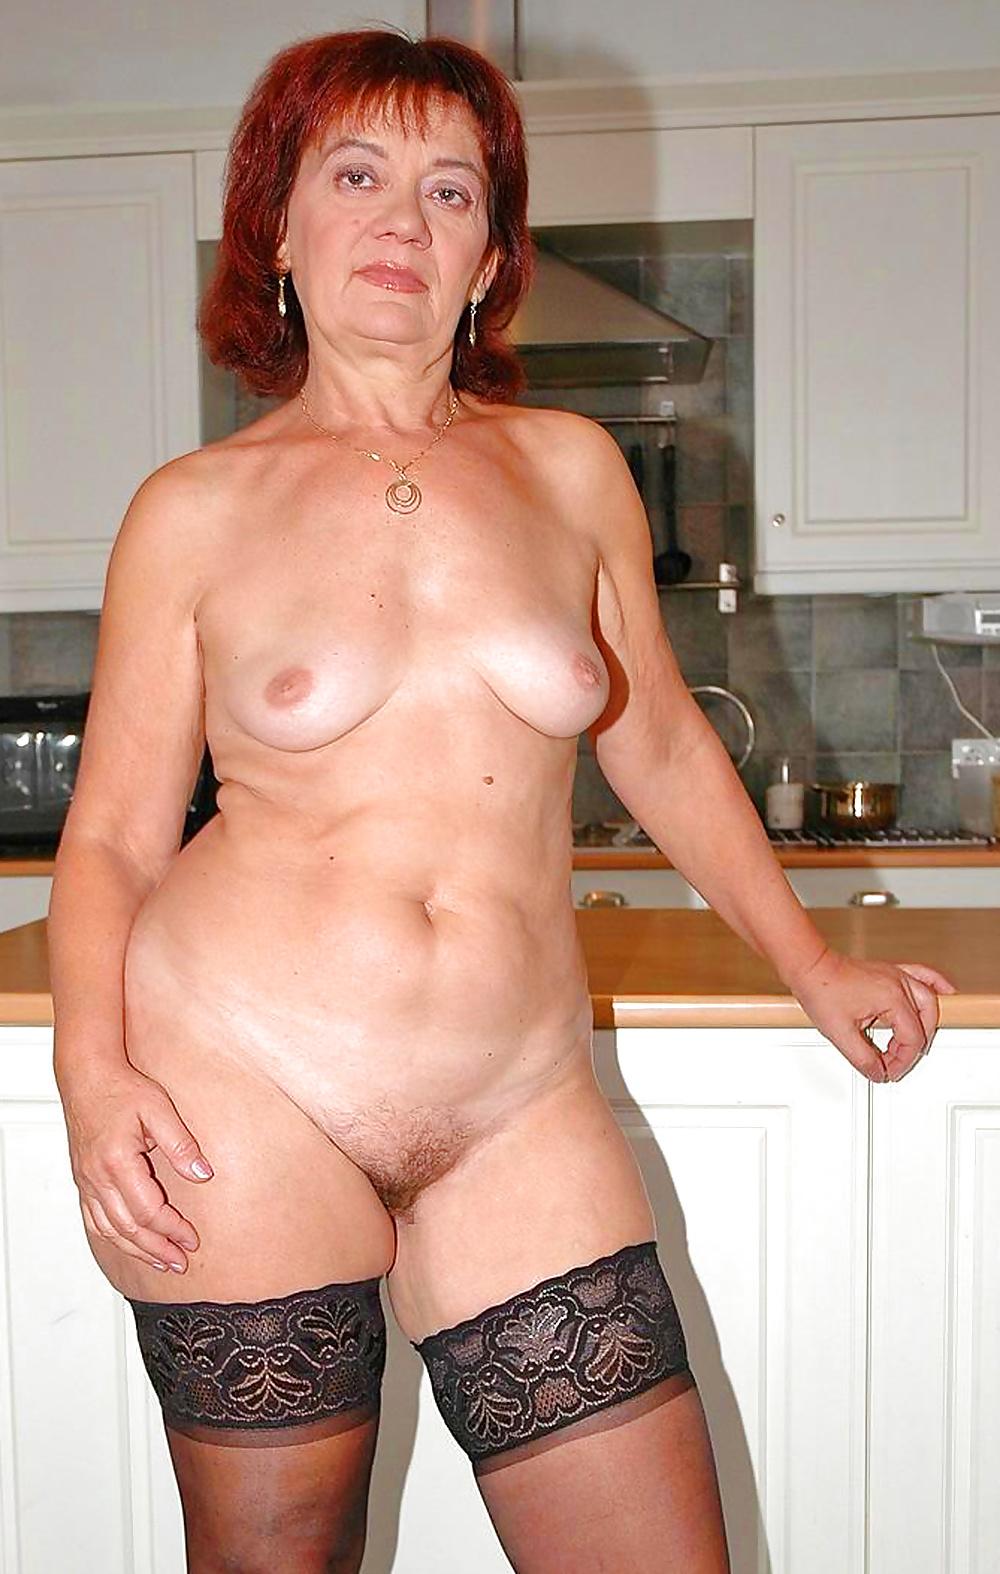 Эротическое фото женщин за пятьдесят, порно хаб сквирт смотреть онлайн